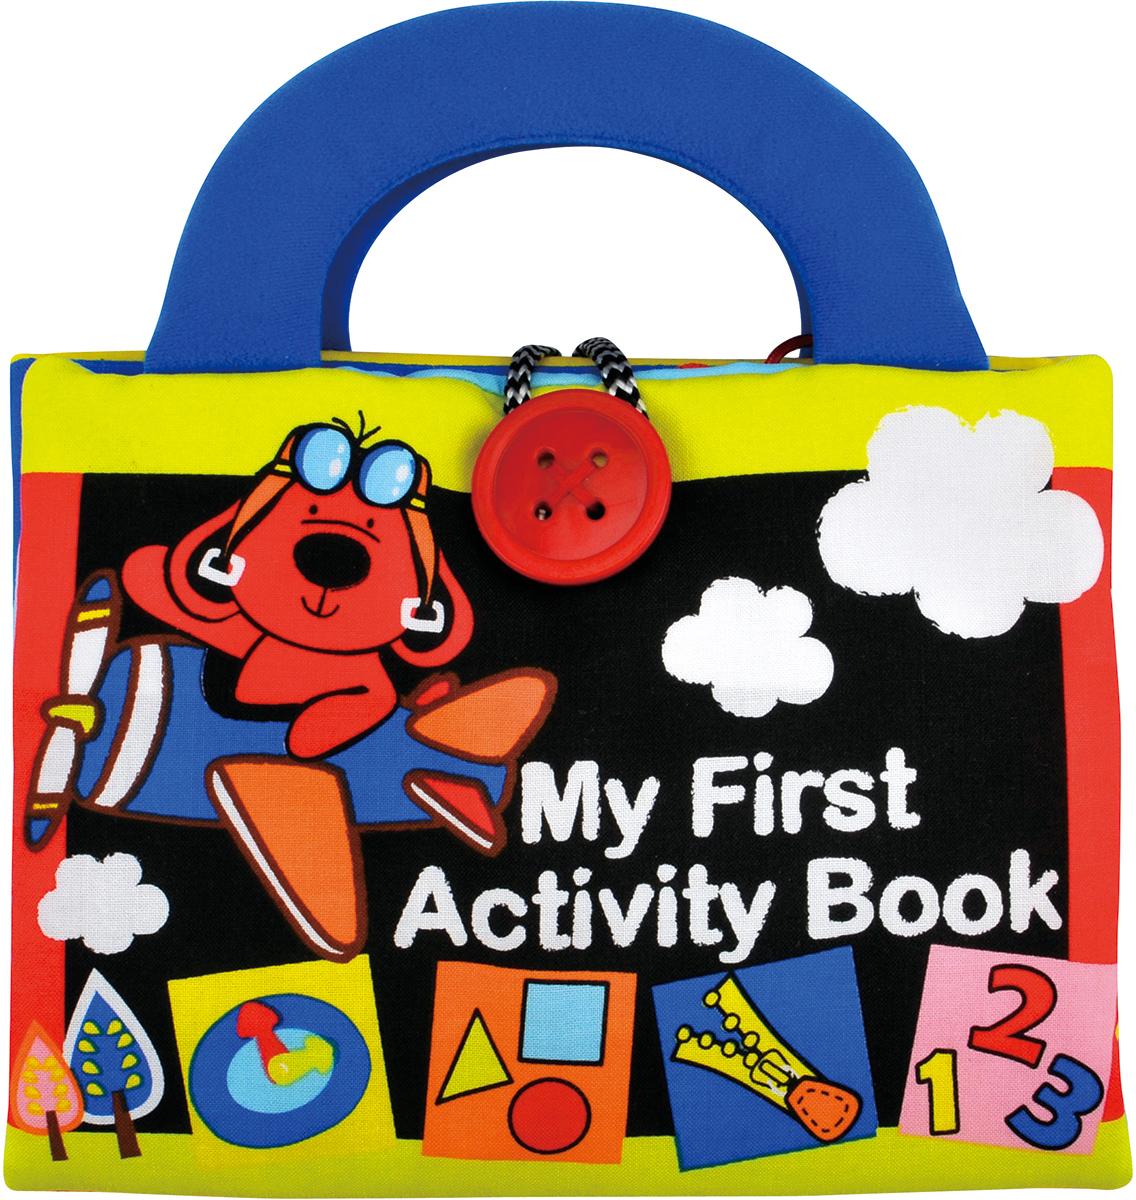 Ks Kids Книжка-игрушка My First Activity BookKA666Книжка-игрушка Ks Kids My First Activity Book - легкий и веселый способ обучить вашего ребенка простым и важным вещам. 10 ярких страниц со всевозможными петельками, липучками, пуговками, шнурками и молниями научат малыша не только завязывать и развязывать, открывать и закрывать разные типы застежек, но и считать, различать времена года, формы и цвета! Фактура книжки - мягкая, плотная и приятная на ощупь ткань. Книга имеет две удобные ручки-держателя и застегивается на большую пуговицу. Ваш малыш сам будет просить вас почитать ему такую книжку много раз! Игрушка My First Activity Book хорошо развивает моторику, воображение и помогает расширить словарный запас. Особенно подходит для детей в возрасте от 1 года до 3 лет. Продукция сертифицирована, экологически безопасна для ребенка, использованные красители нетоксичны и гипоаллергенны.